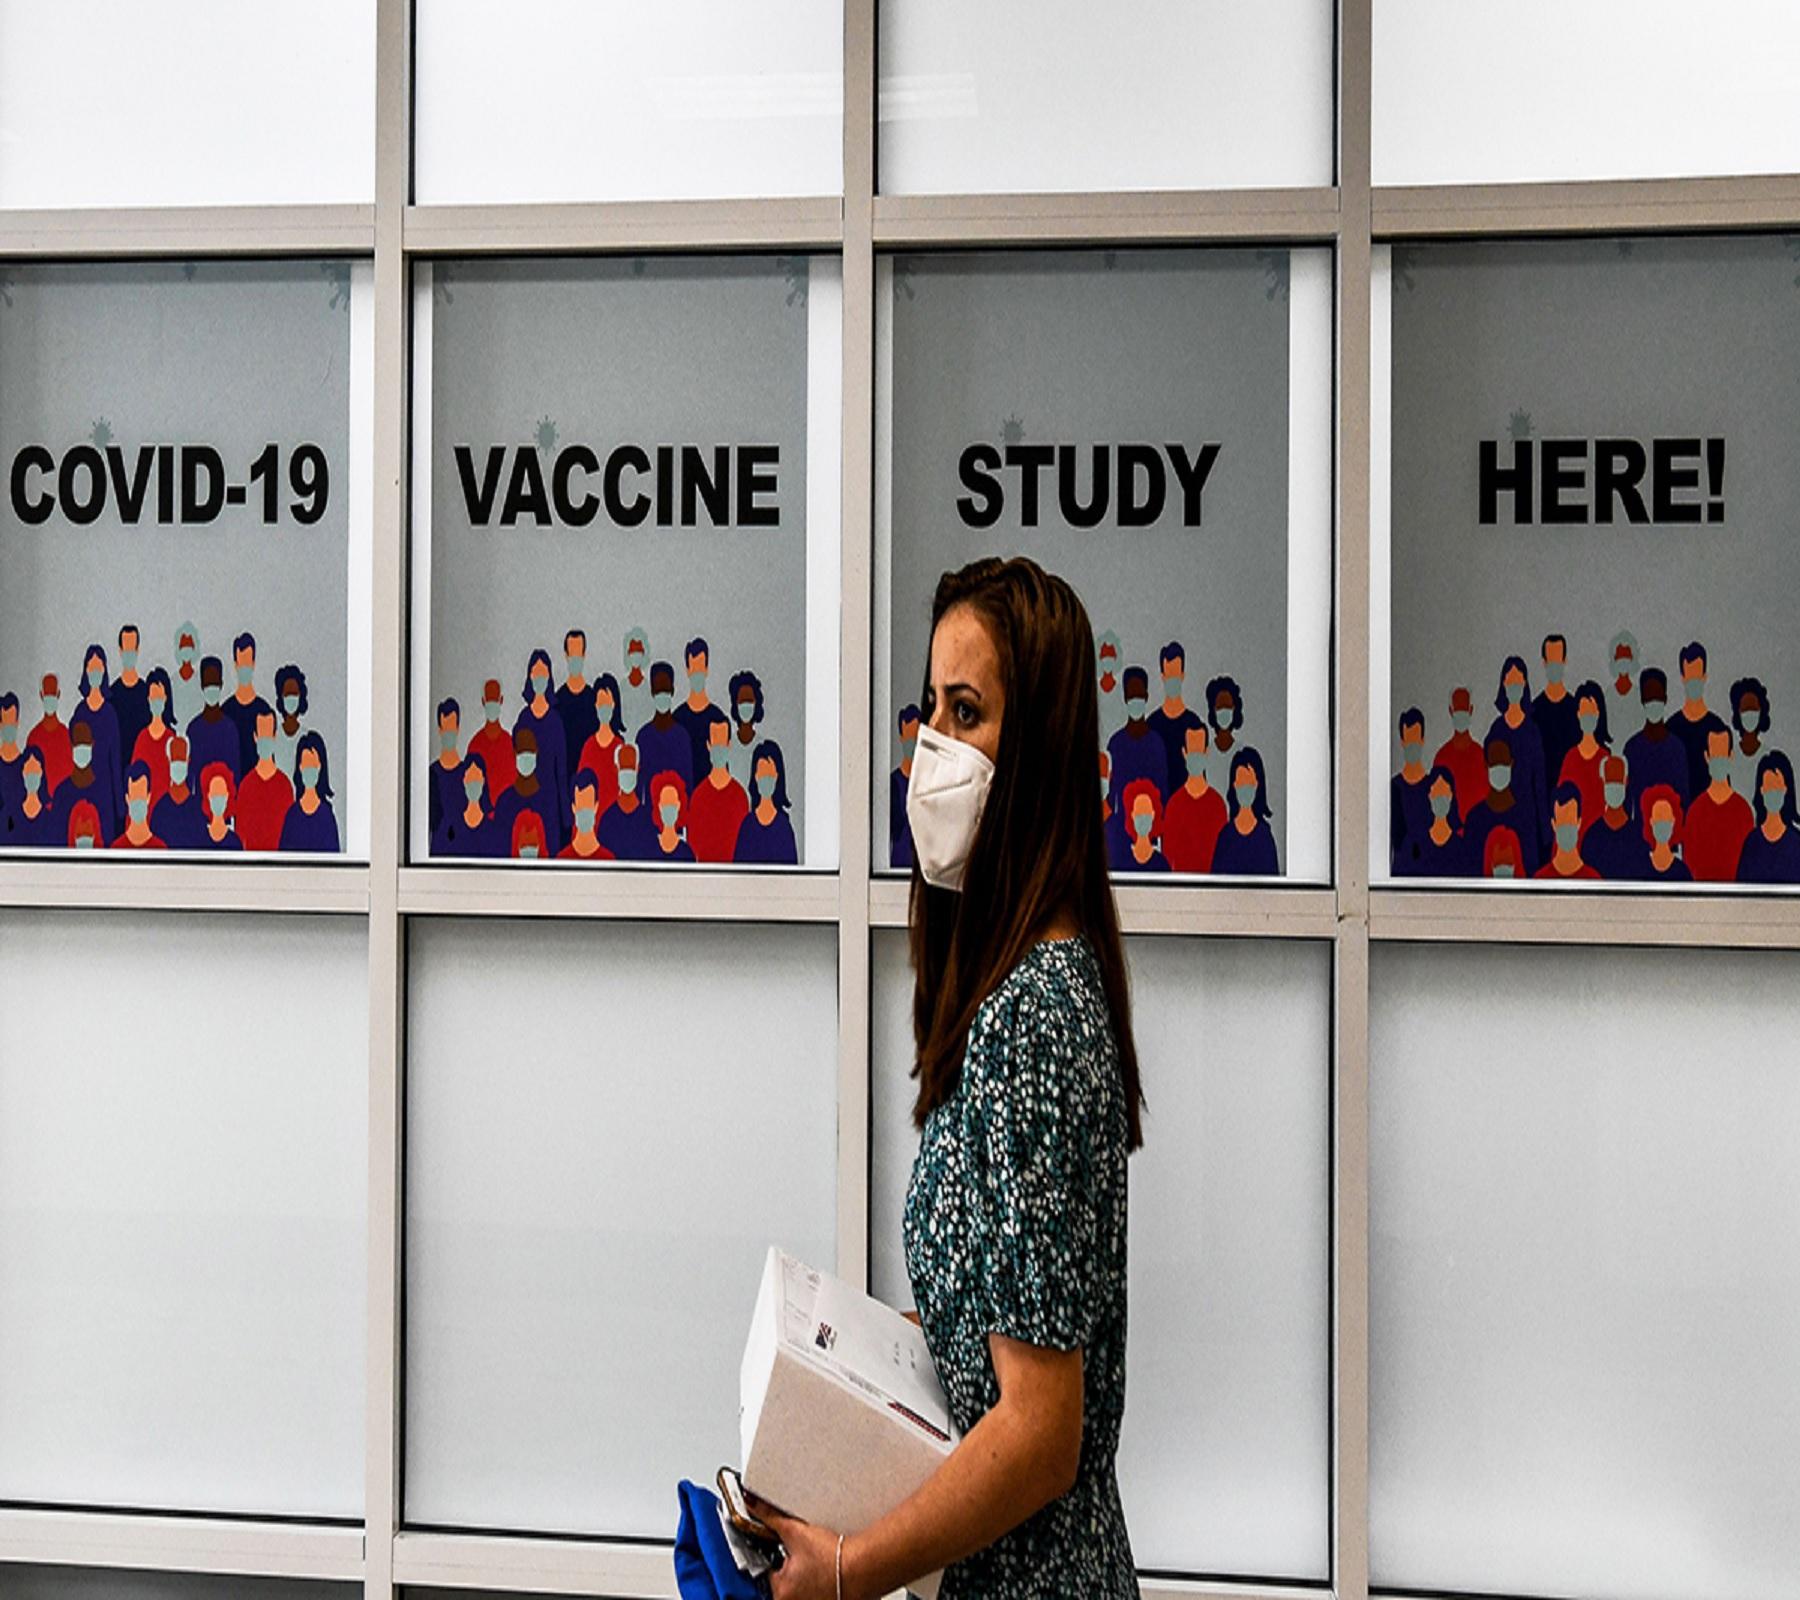 Κορωνοϊός εμβόλιο δοκιμή: Ξεκινά μαζικό πρόγραμμα στην Αγγλία